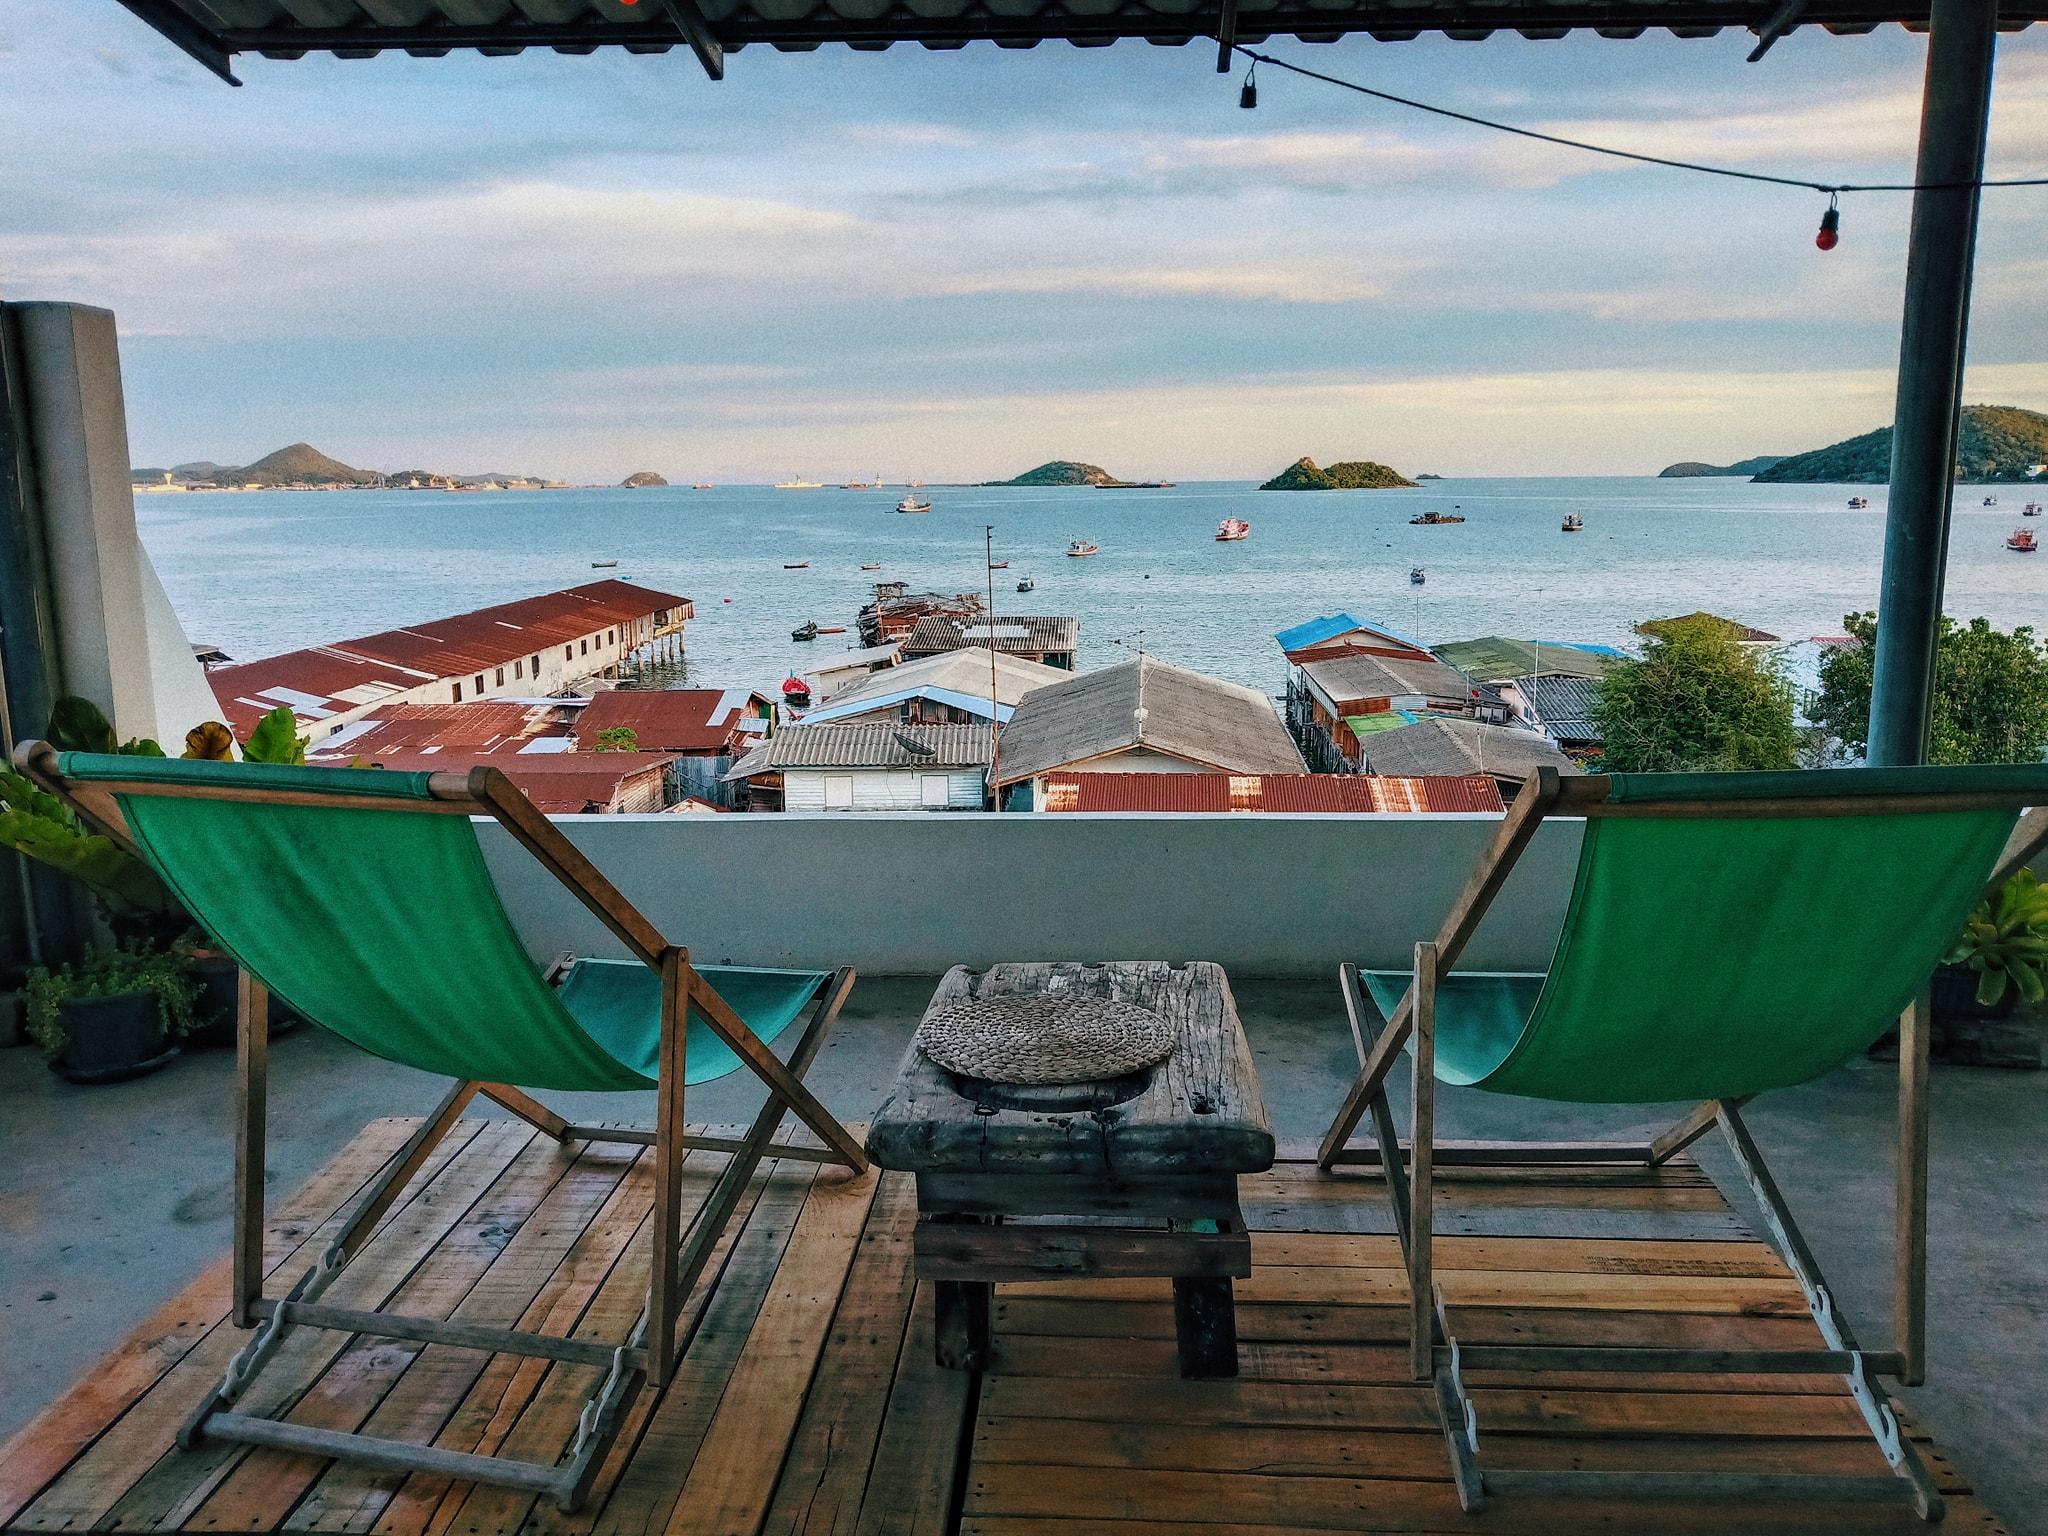 รีวิว!! 9 ที่พักสัตหีบราคาหลักร้อย ใกล้ทะเล งบไม่เกิน 800 บาท